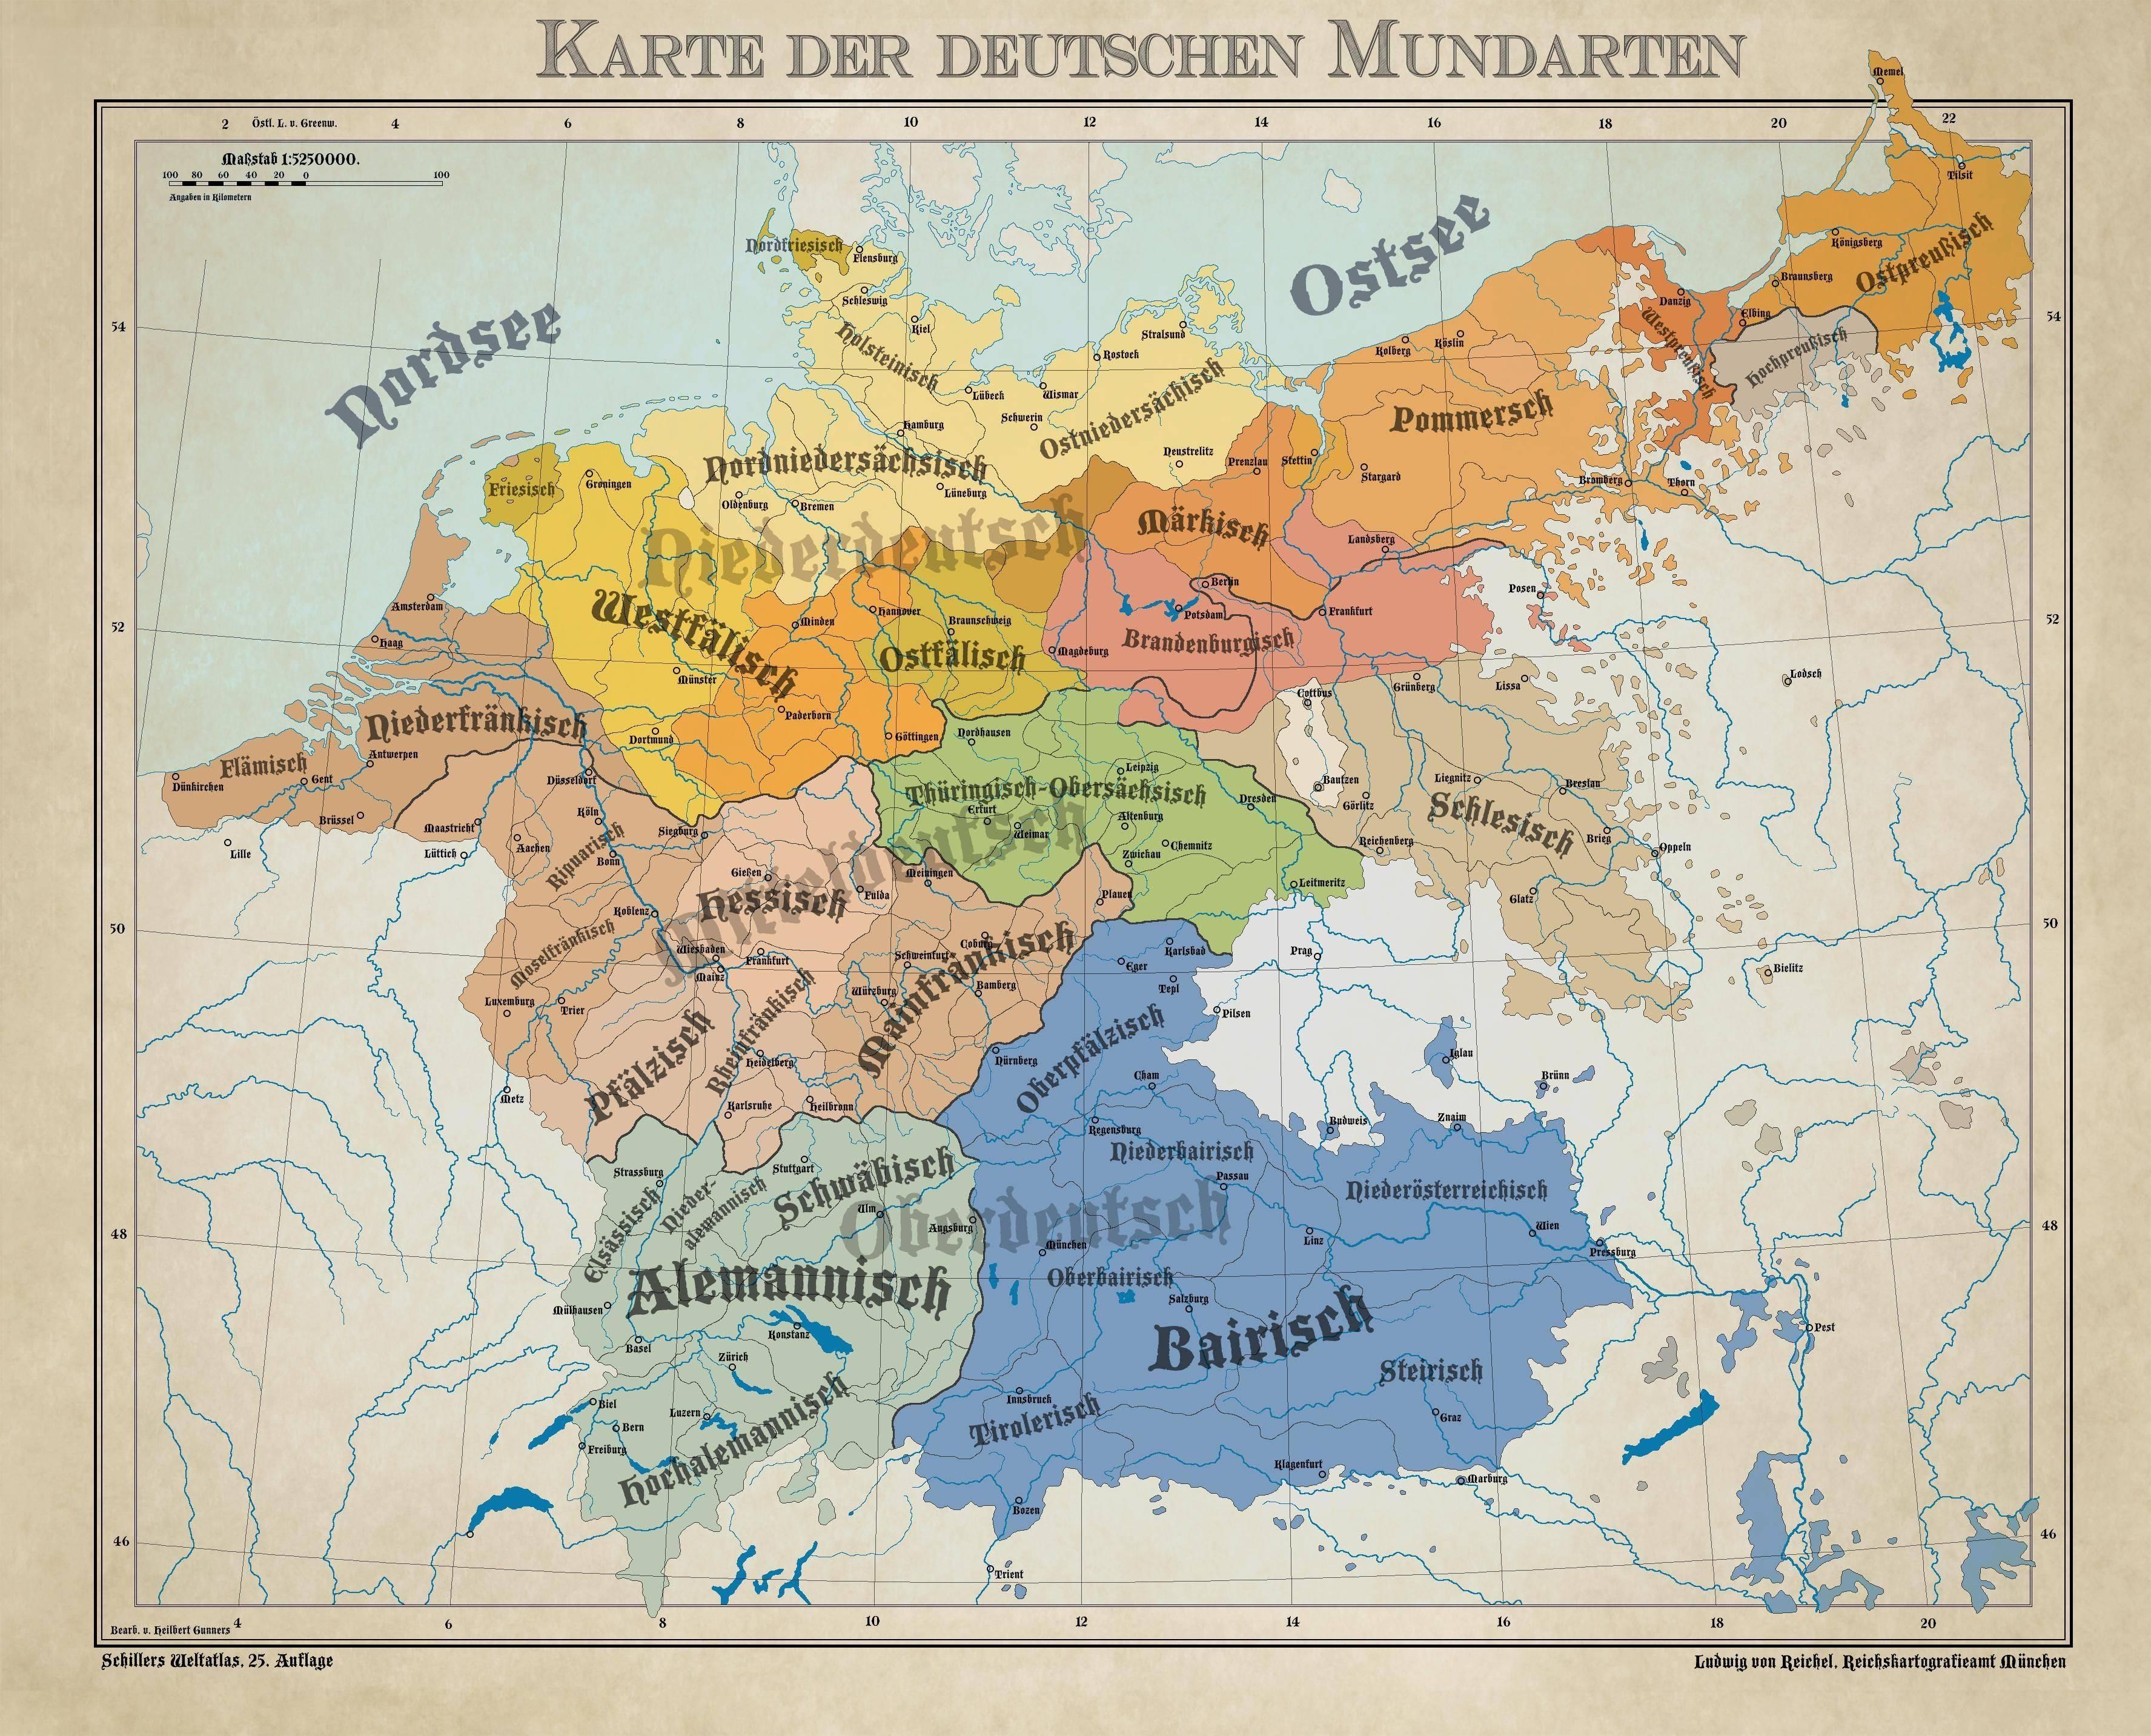 На каком языке чаще всего говорят в германии